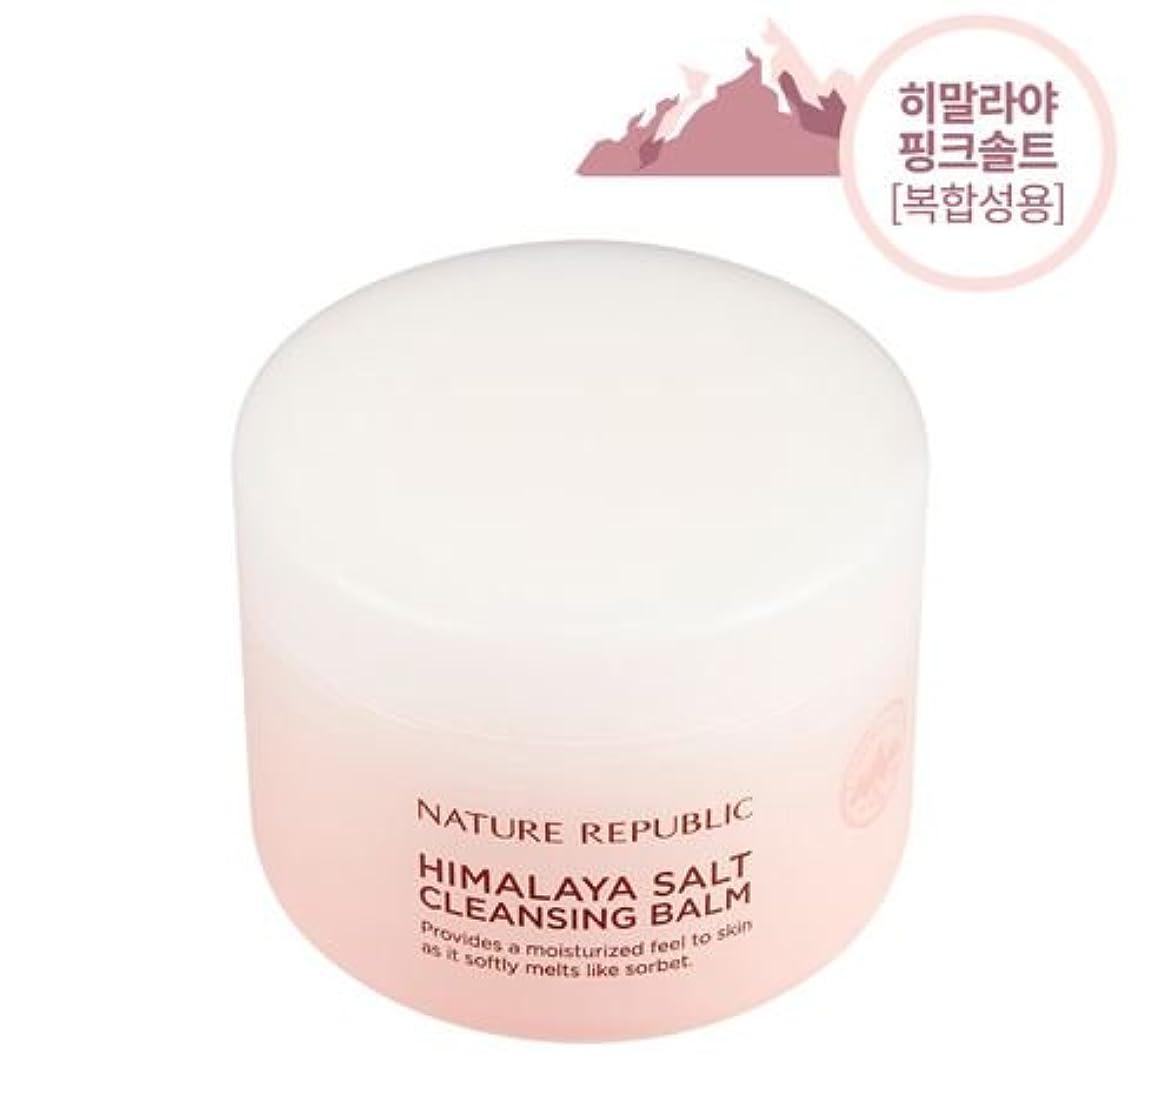 アルバニーユダヤ人レイプHimalaya salt cleansing balm (PINK SALT)ヒマラヤソルトクレンジングバーム(pink salt) [並行輸入品]